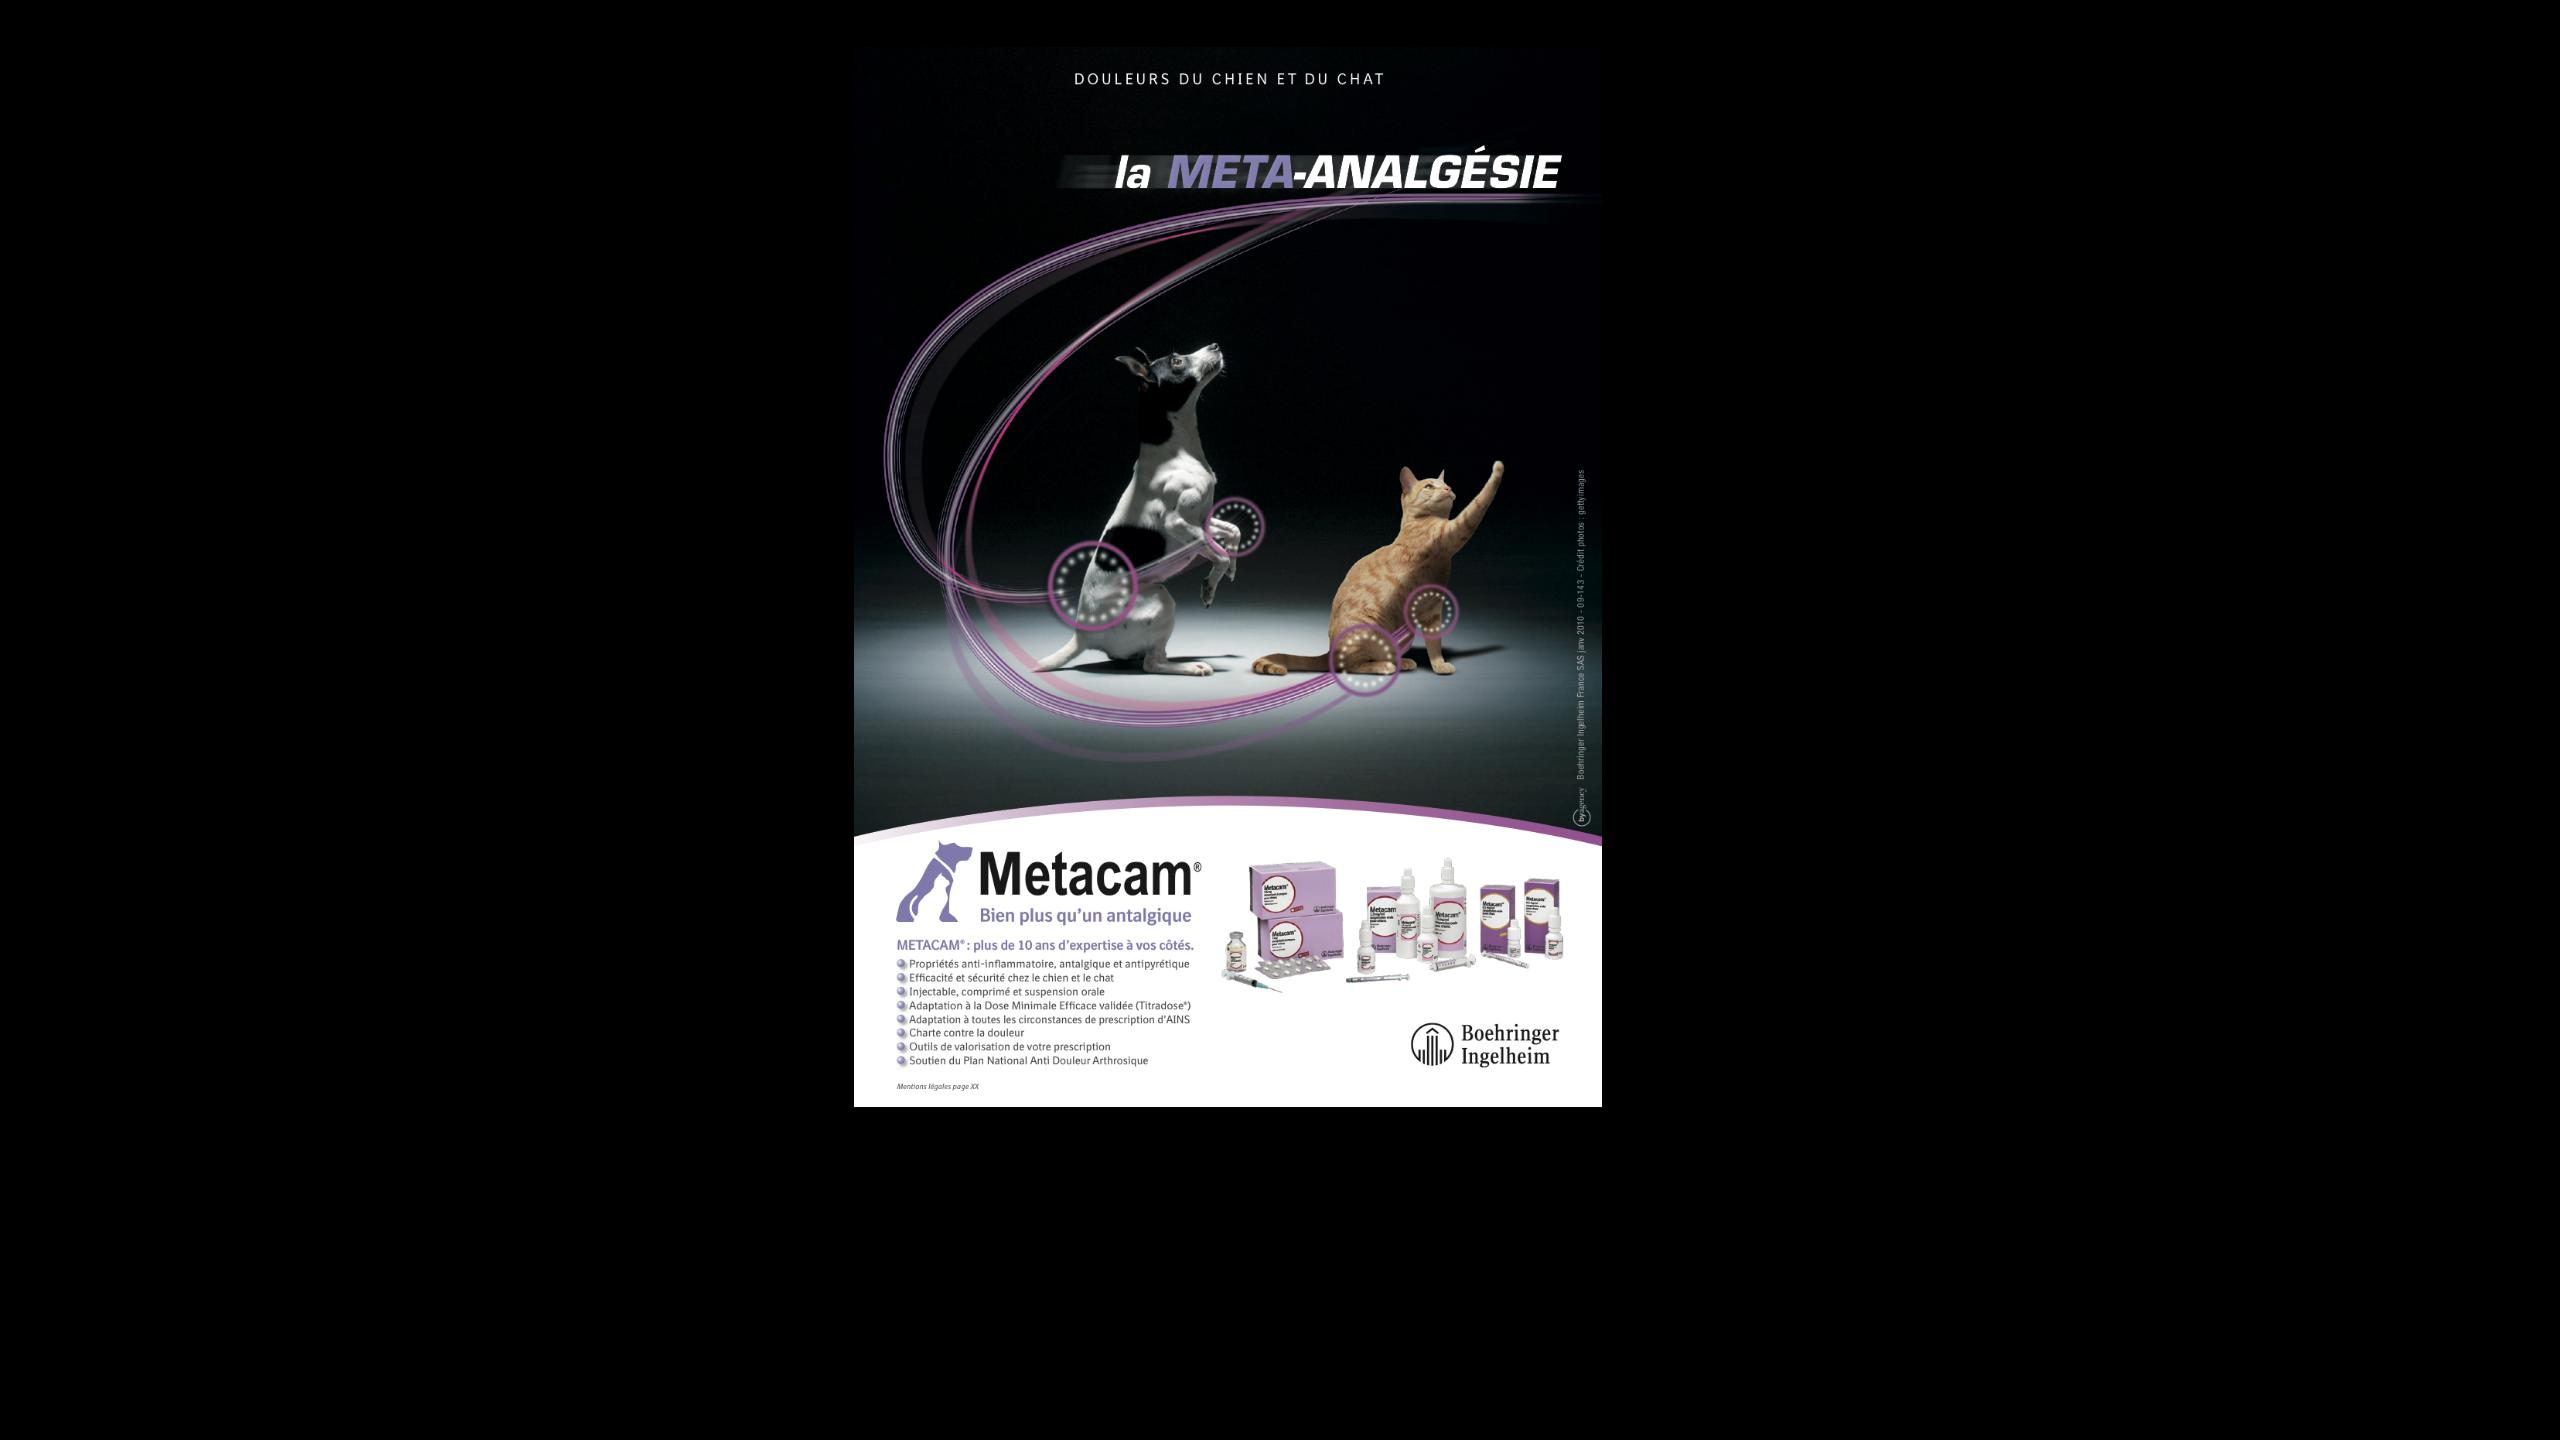 produit éthique Metacam by agency